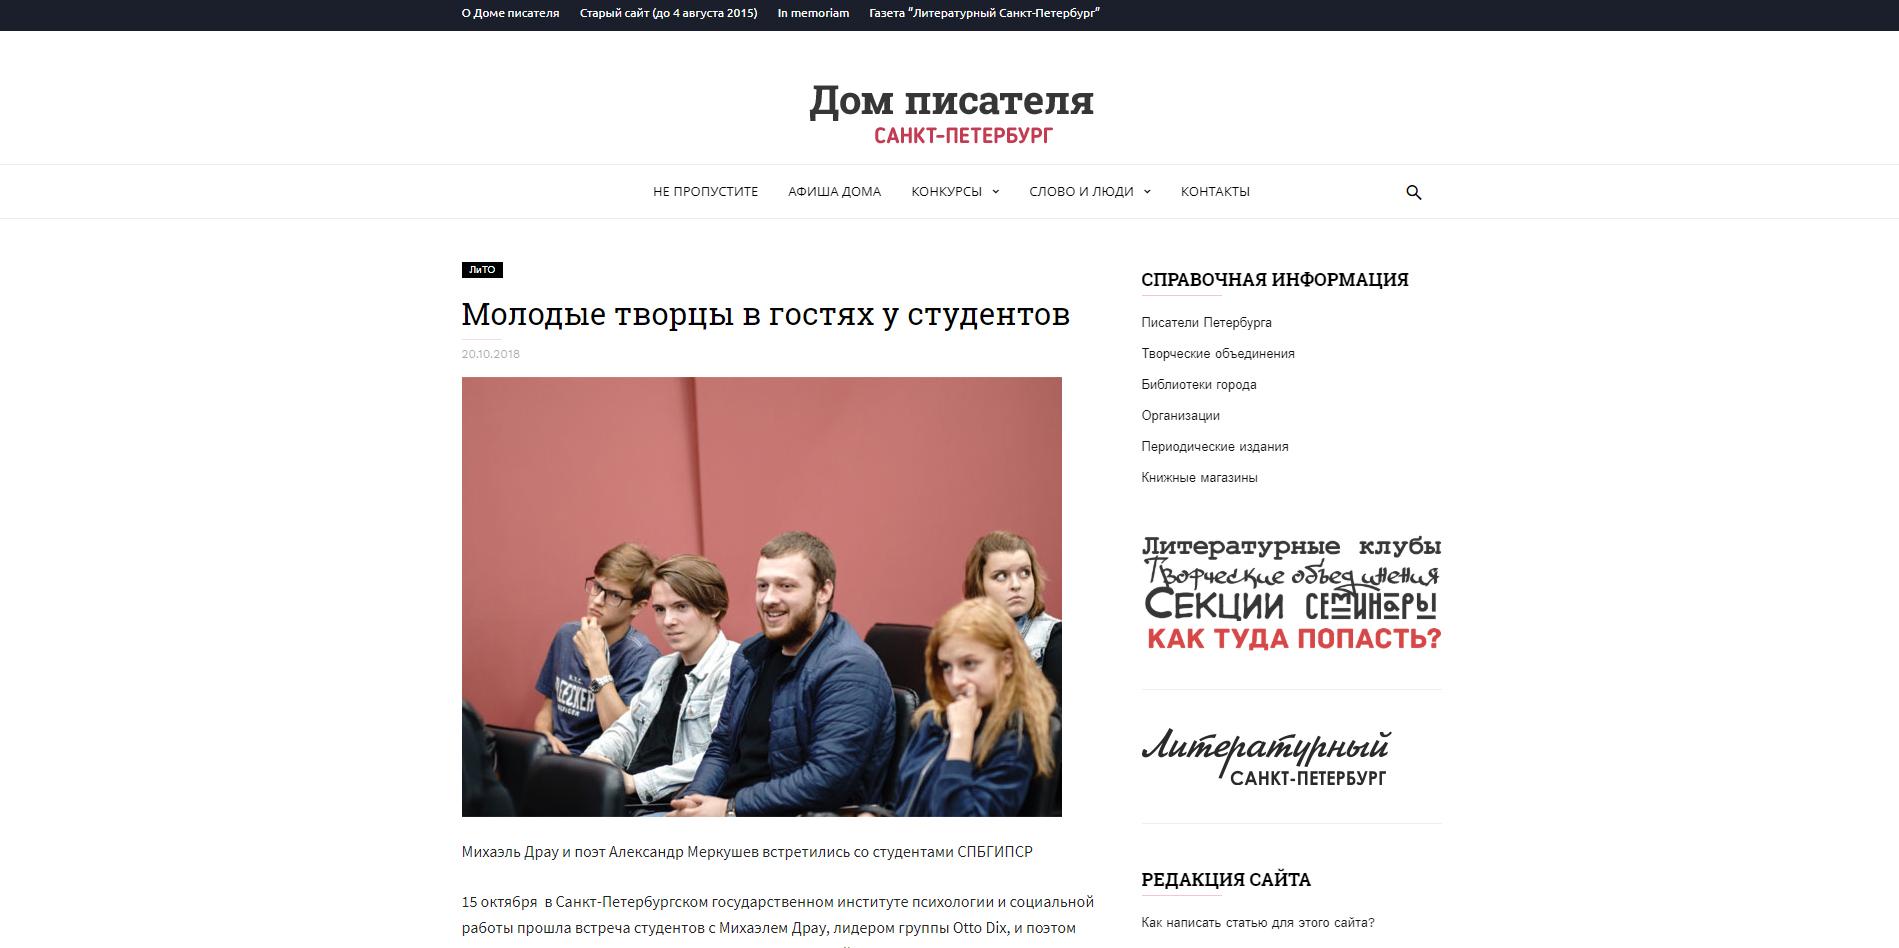 Отзыв на сайте Дома Писателя. поэт Александр Меркушев